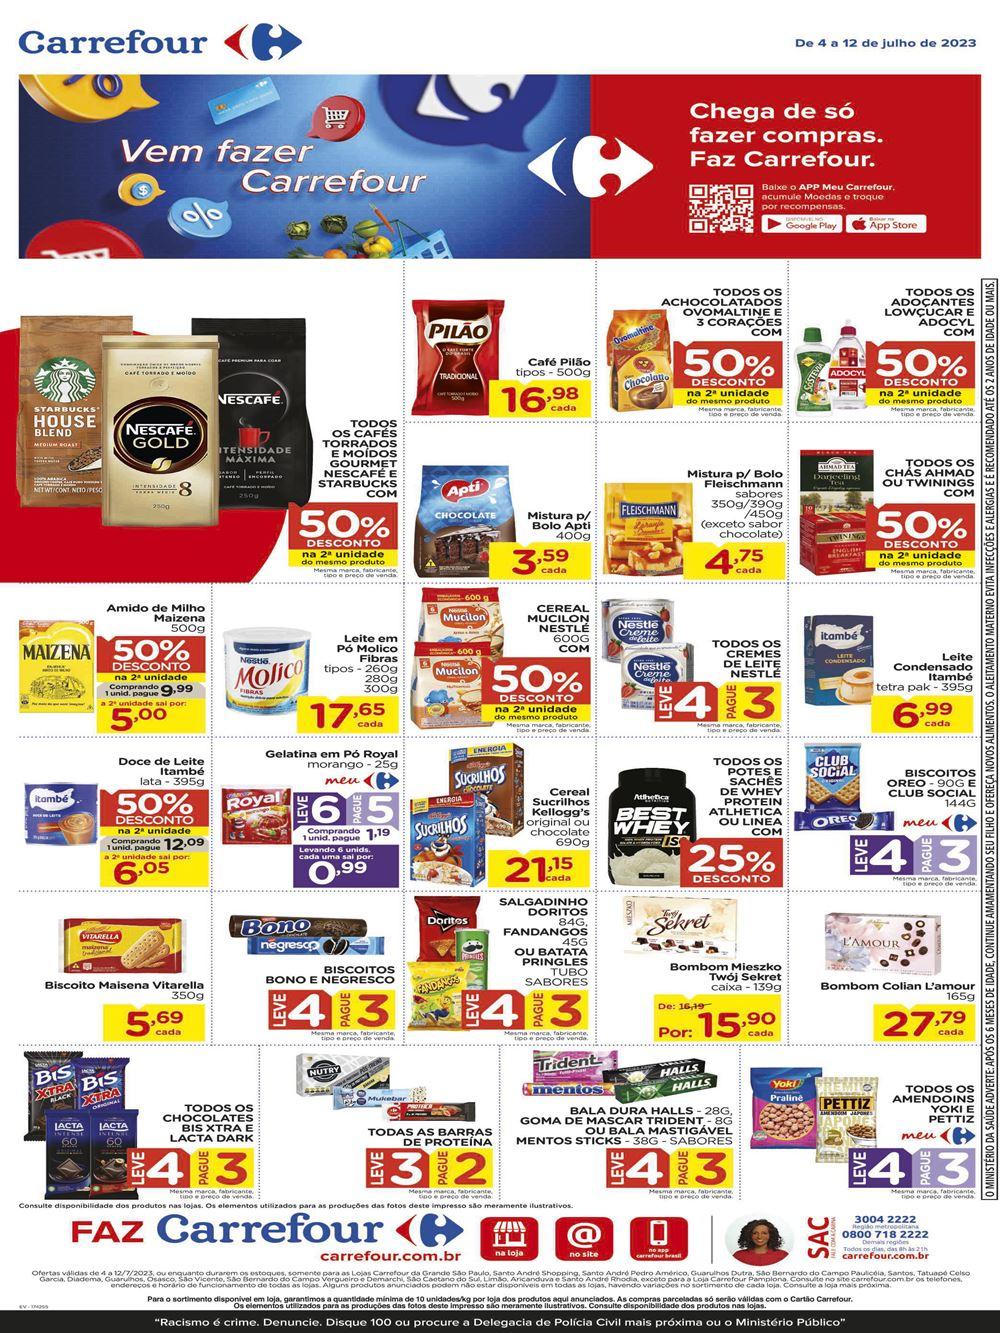 carrefour-ofertas-descontos-hoje3-8 Carrefour até 19/05